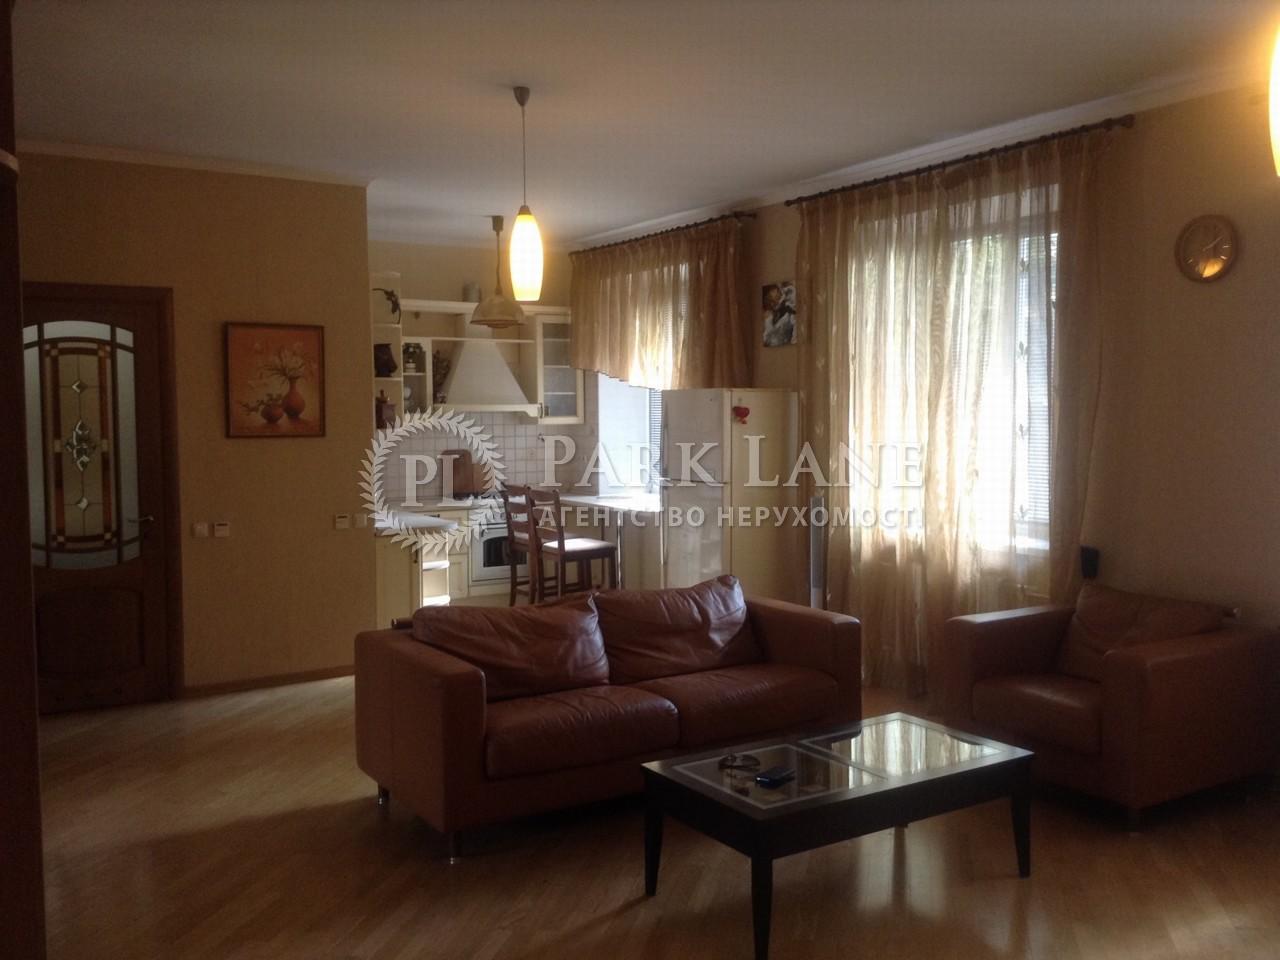 Квартира N-550, Бойчука Михаила (Киквидзе), 2/34, Киев - Фото 1